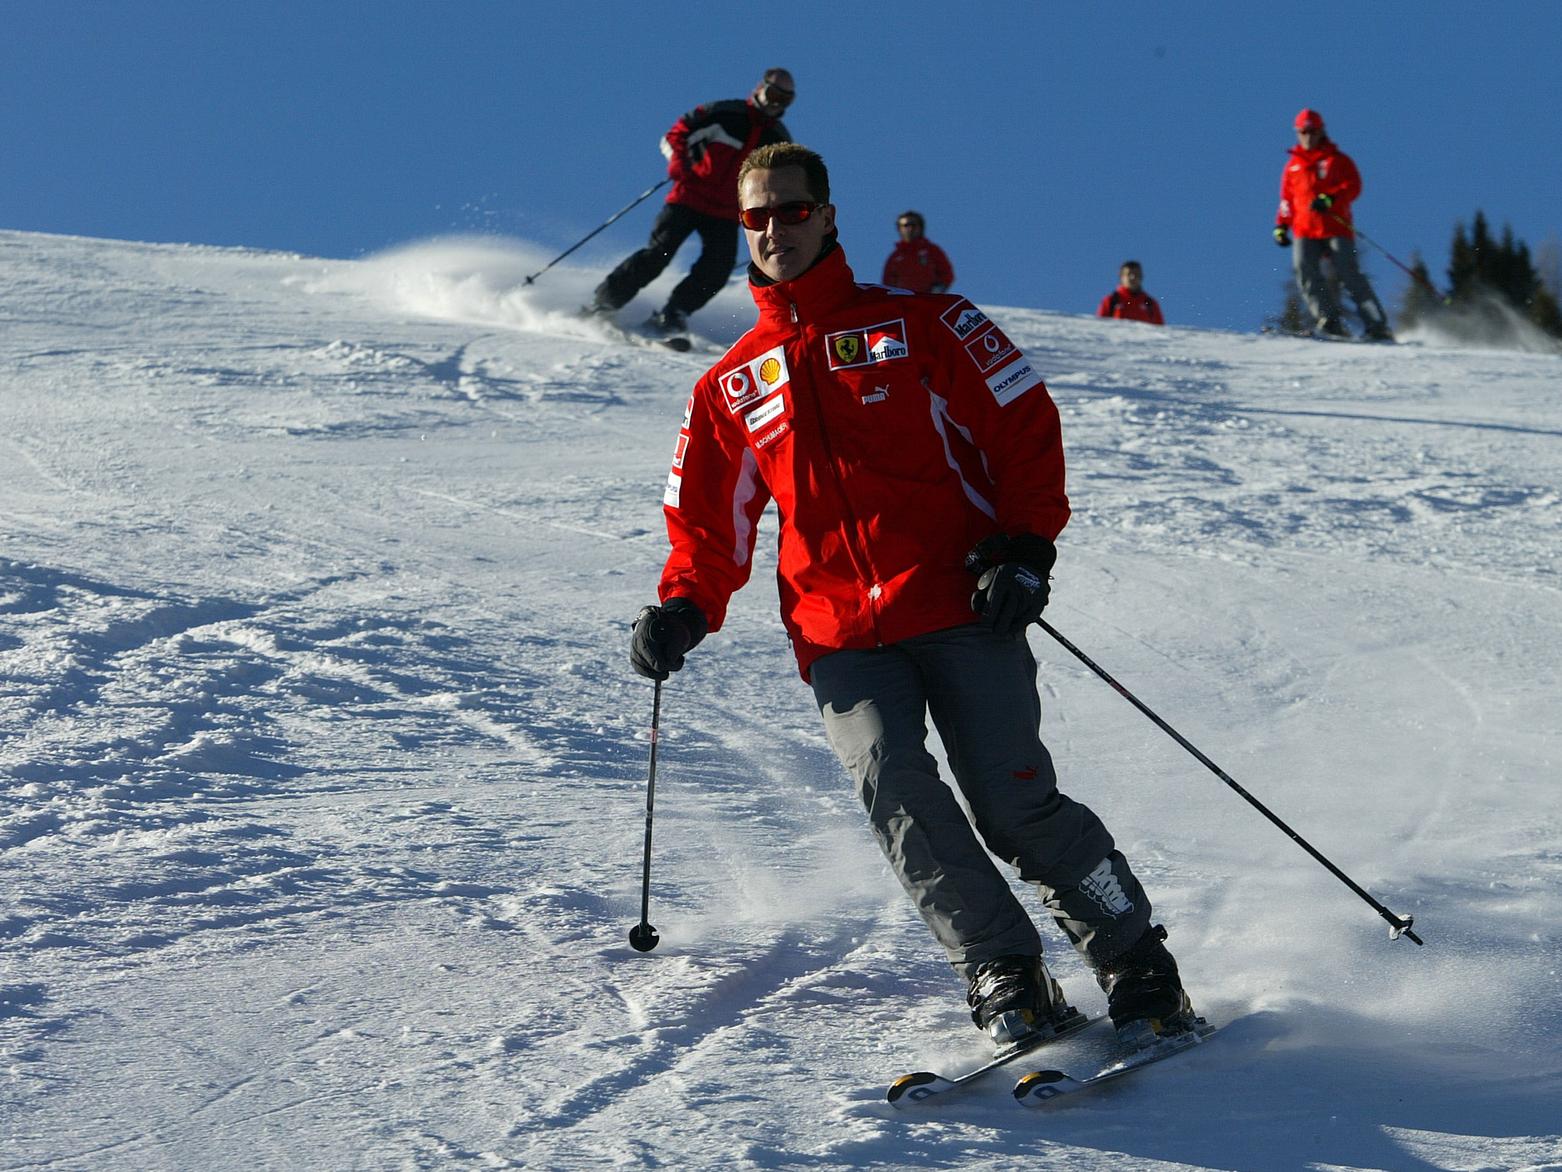 Michael Schumacher jakiego nie znamy. Druga twarz mistrza F1 - Sport WP SportoweFakty